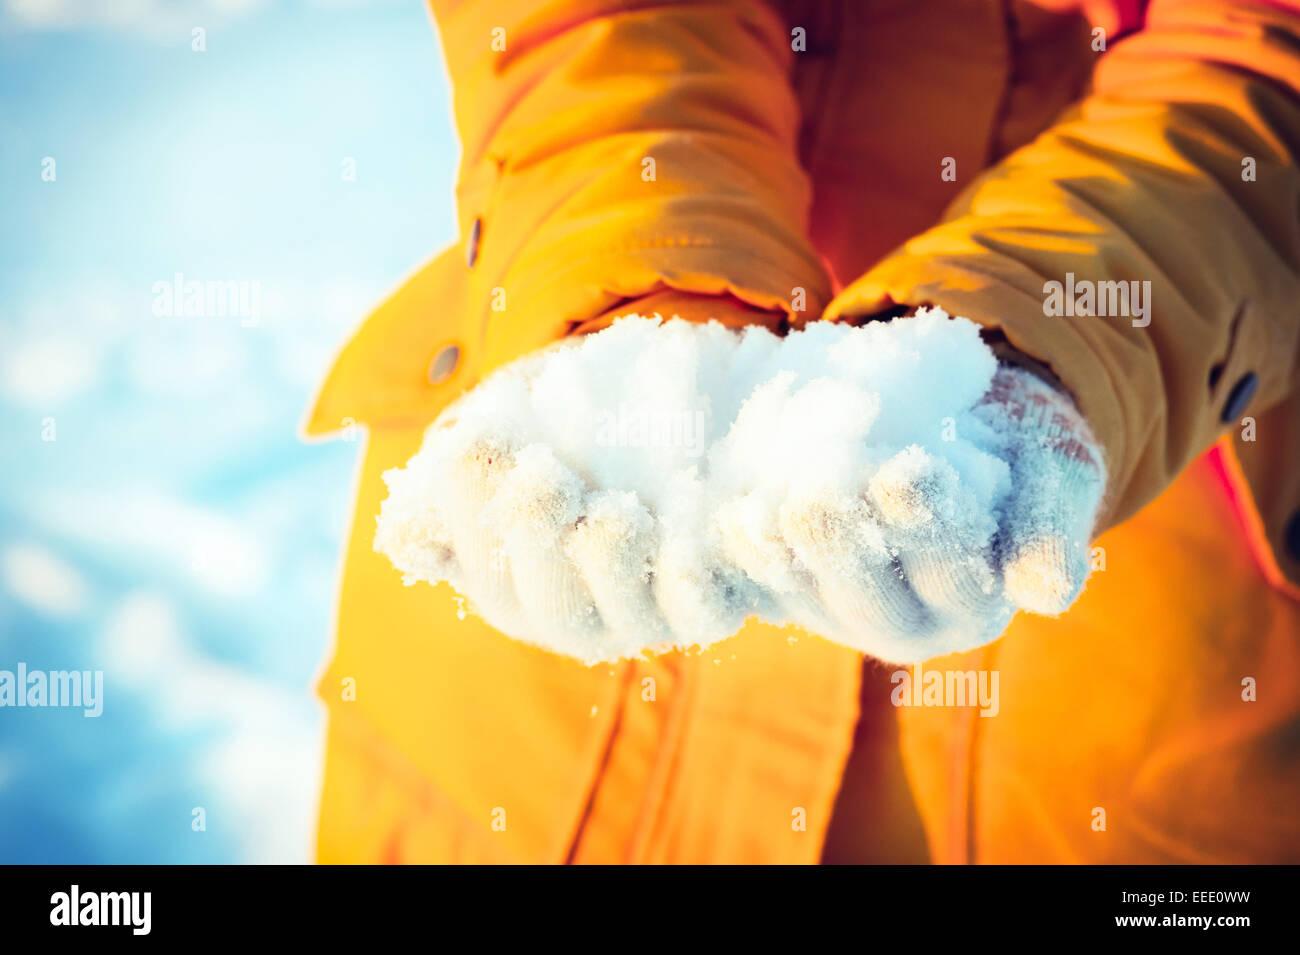 Neve nelle mani della donna dando inverno vacanze in uno stile di vita all'aperto Immagini Stock